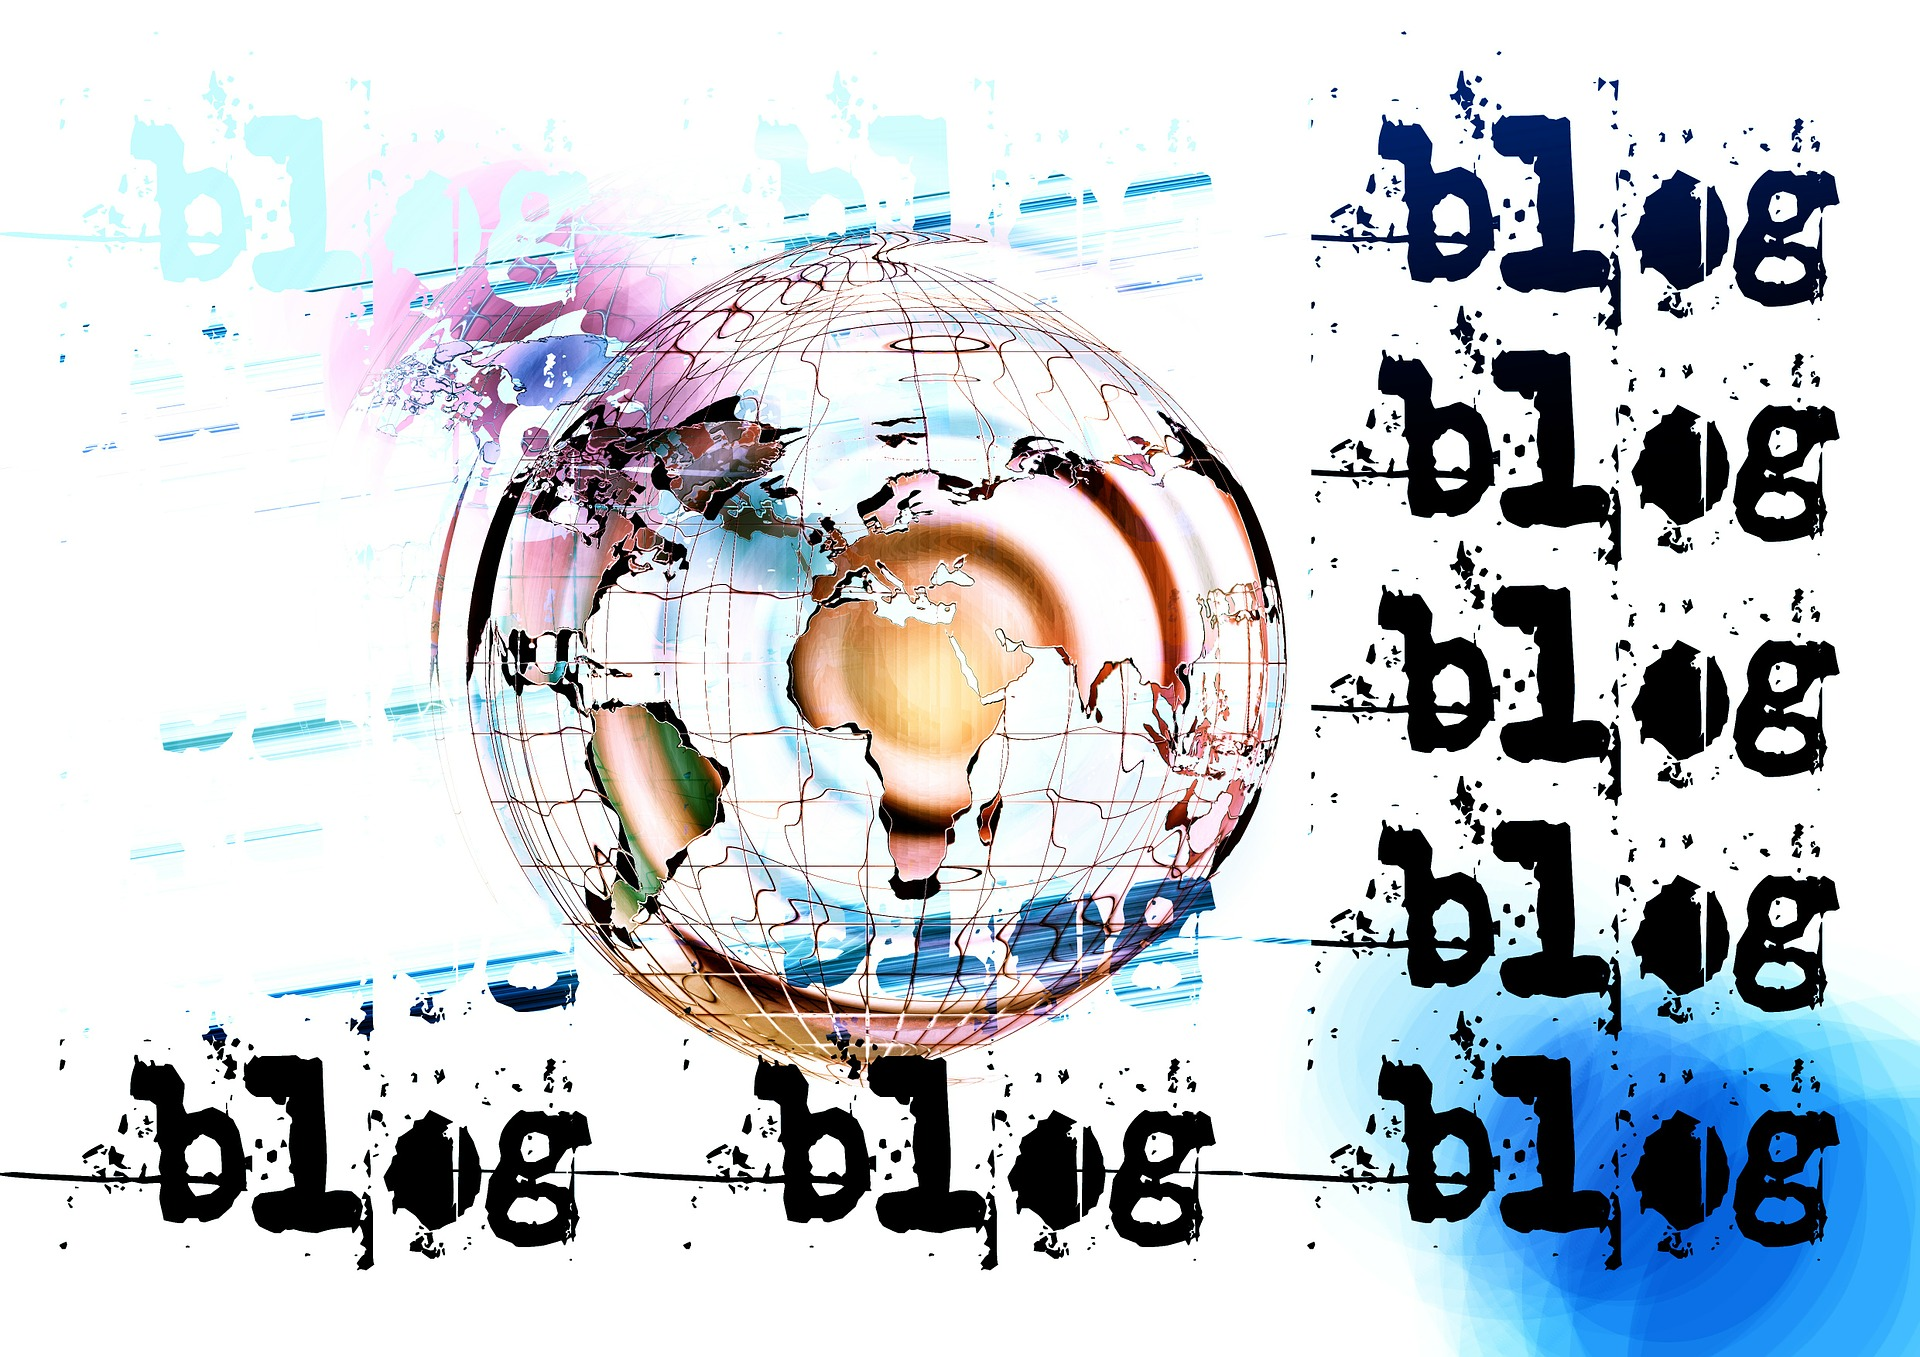 予約済みも合わせて2週間くらいでブログ記事30記事書き上げた心境